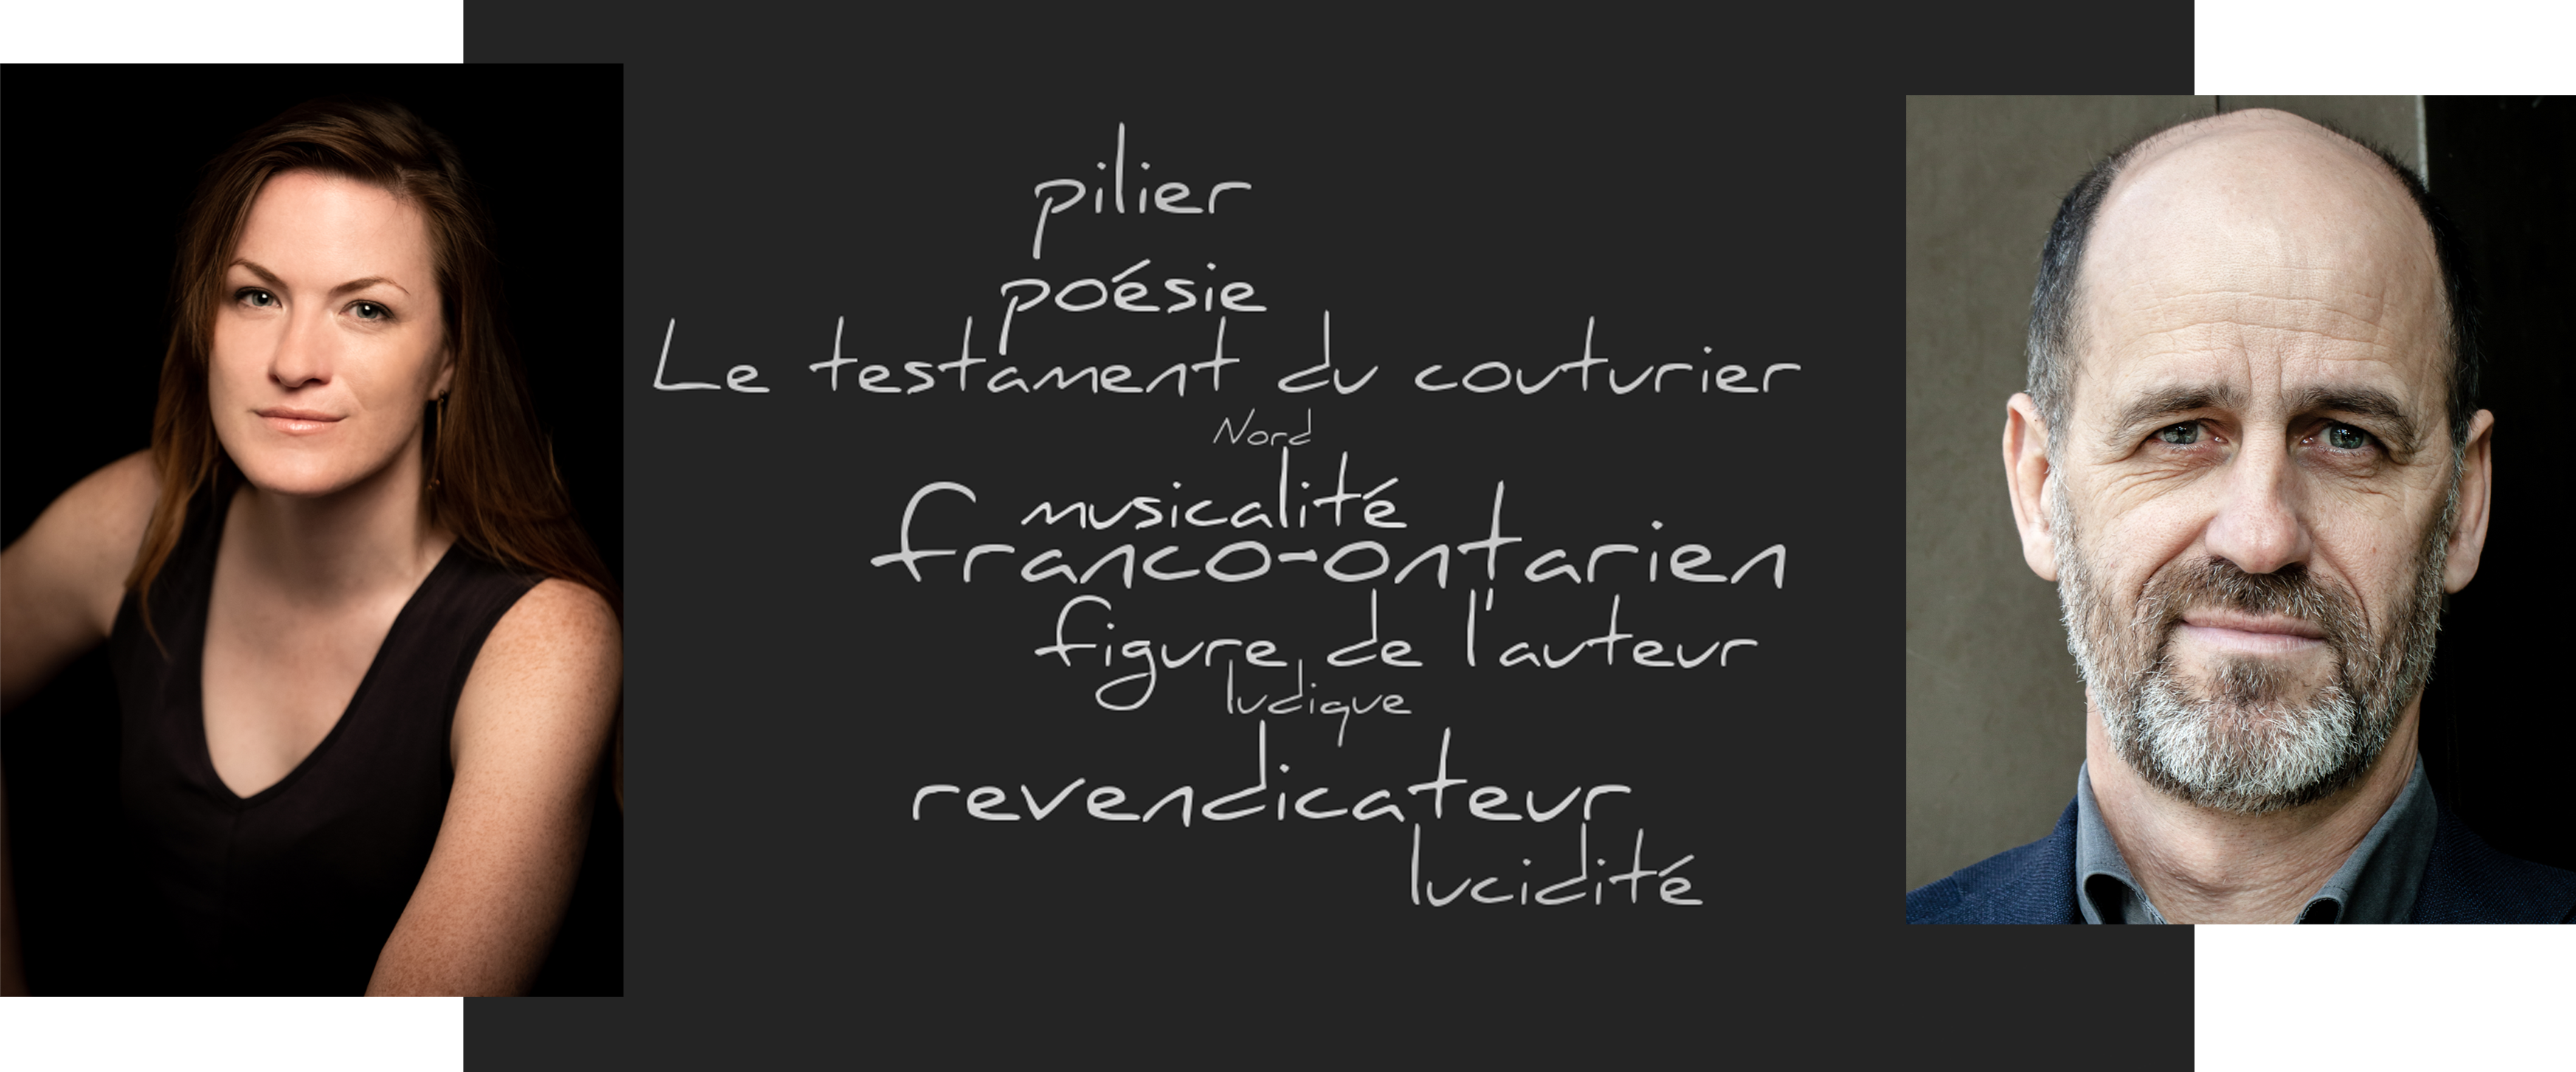 Lisa L'Heureux vous présente Michel Ouellette